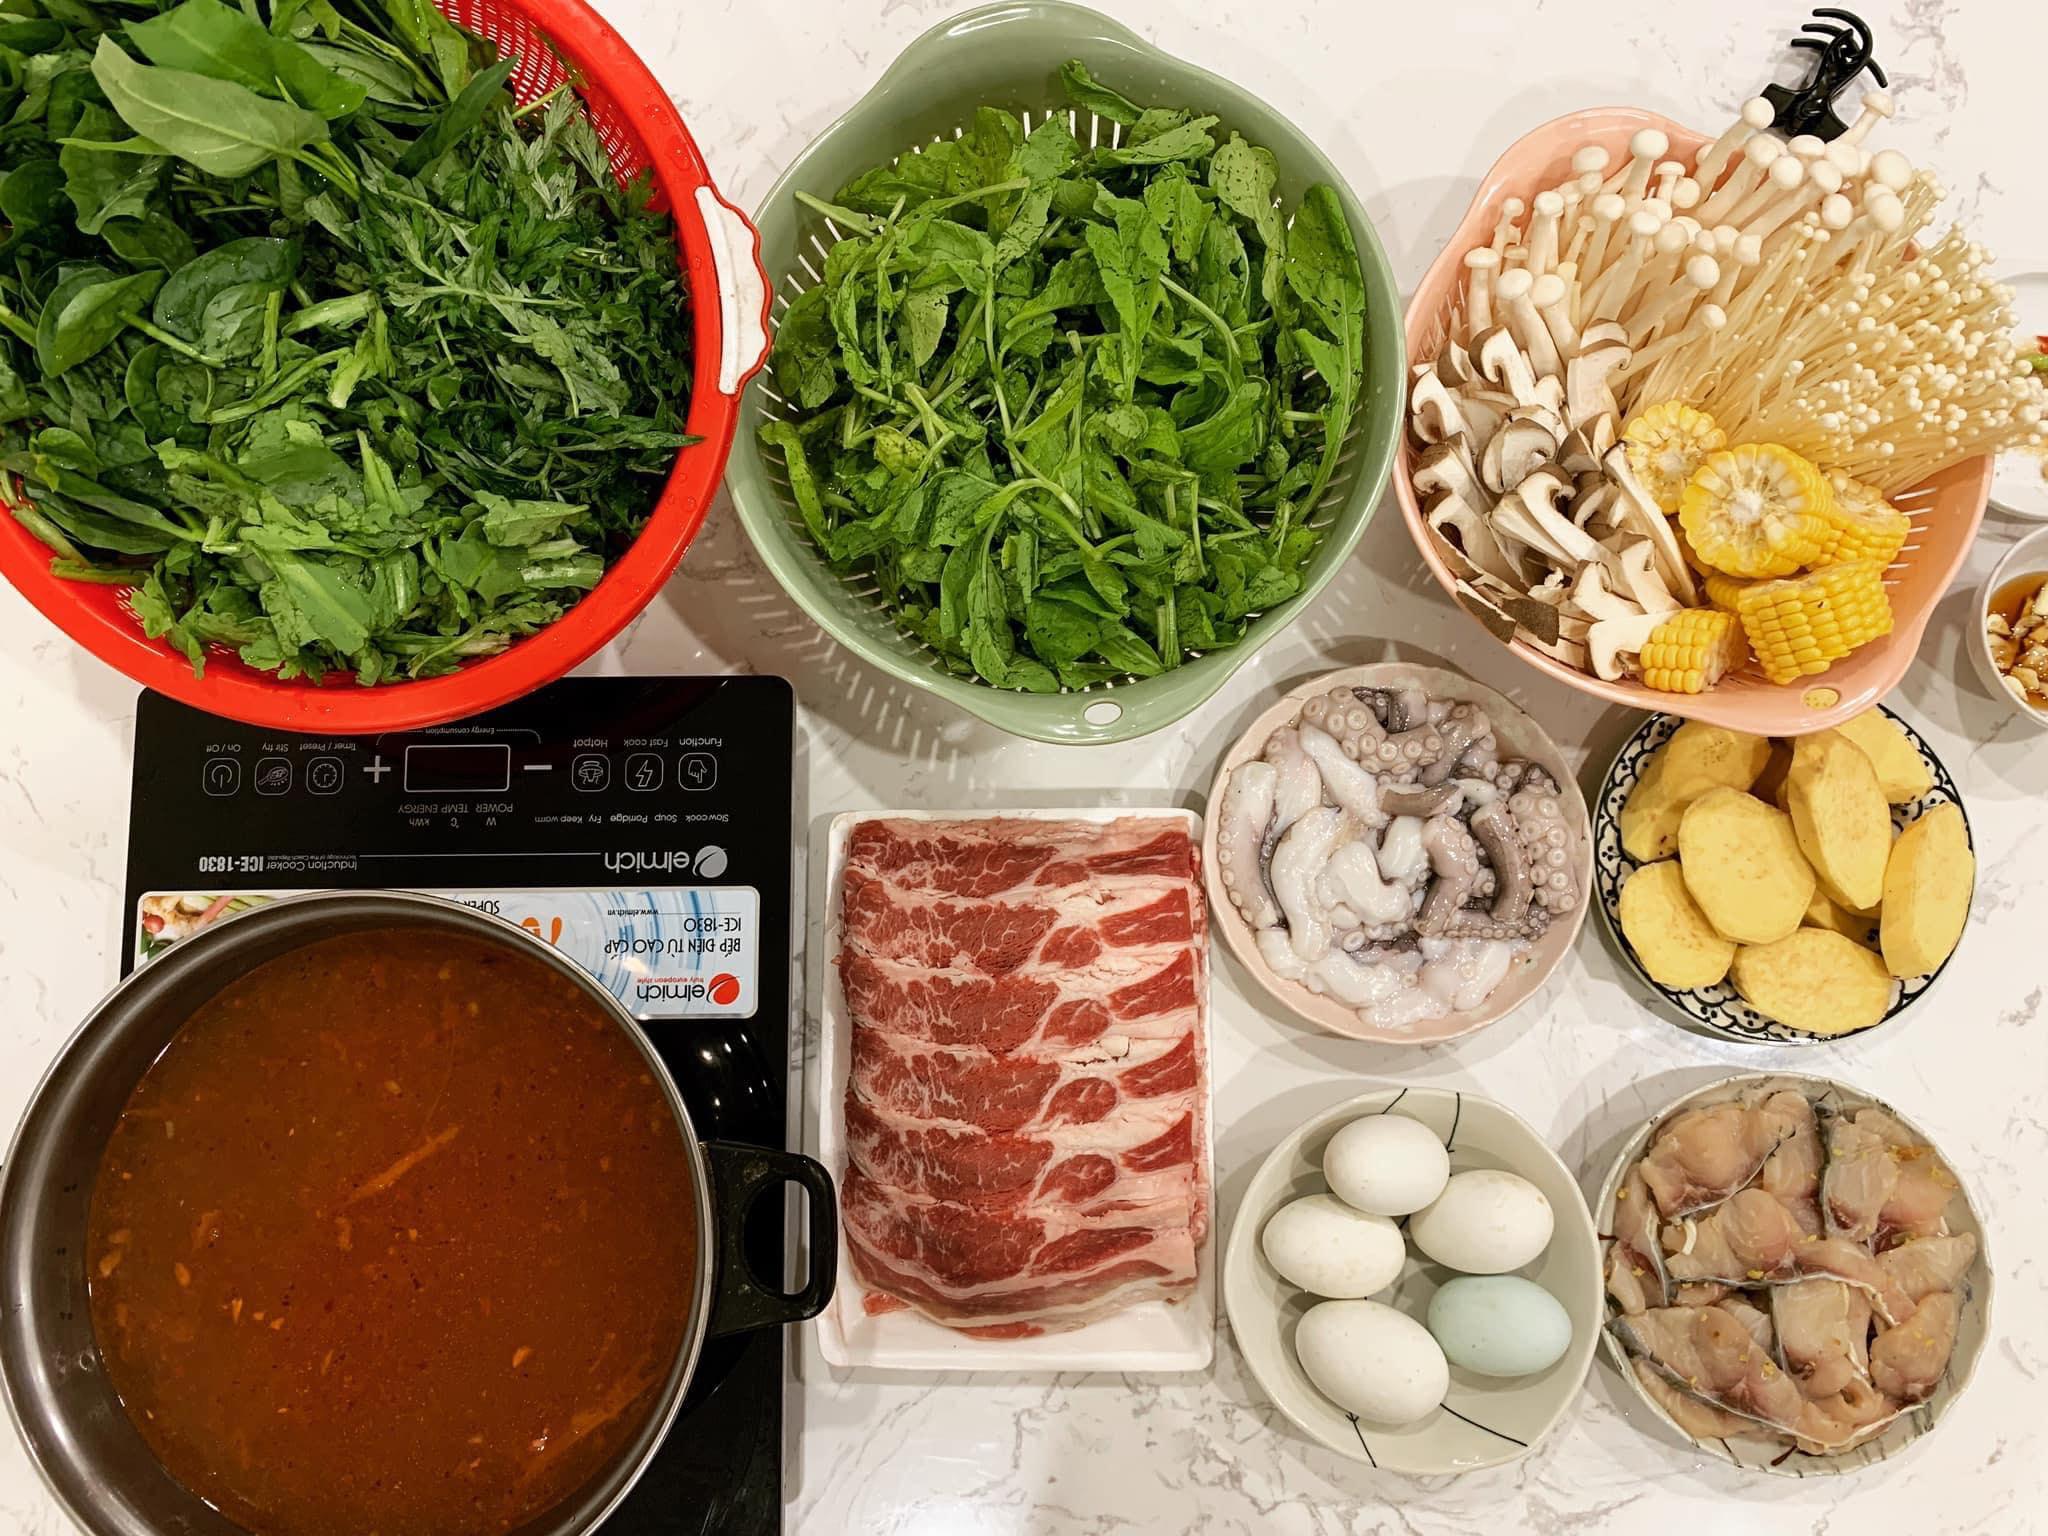 Chi phí chỉ từ 100k nhưng mỗi bữa cơm của bà nội trợ Hà Nội đều tươm tất đủ món thơm ngon, bổ dưỡng cho mọi thành viên gia đình - Ảnh 13.